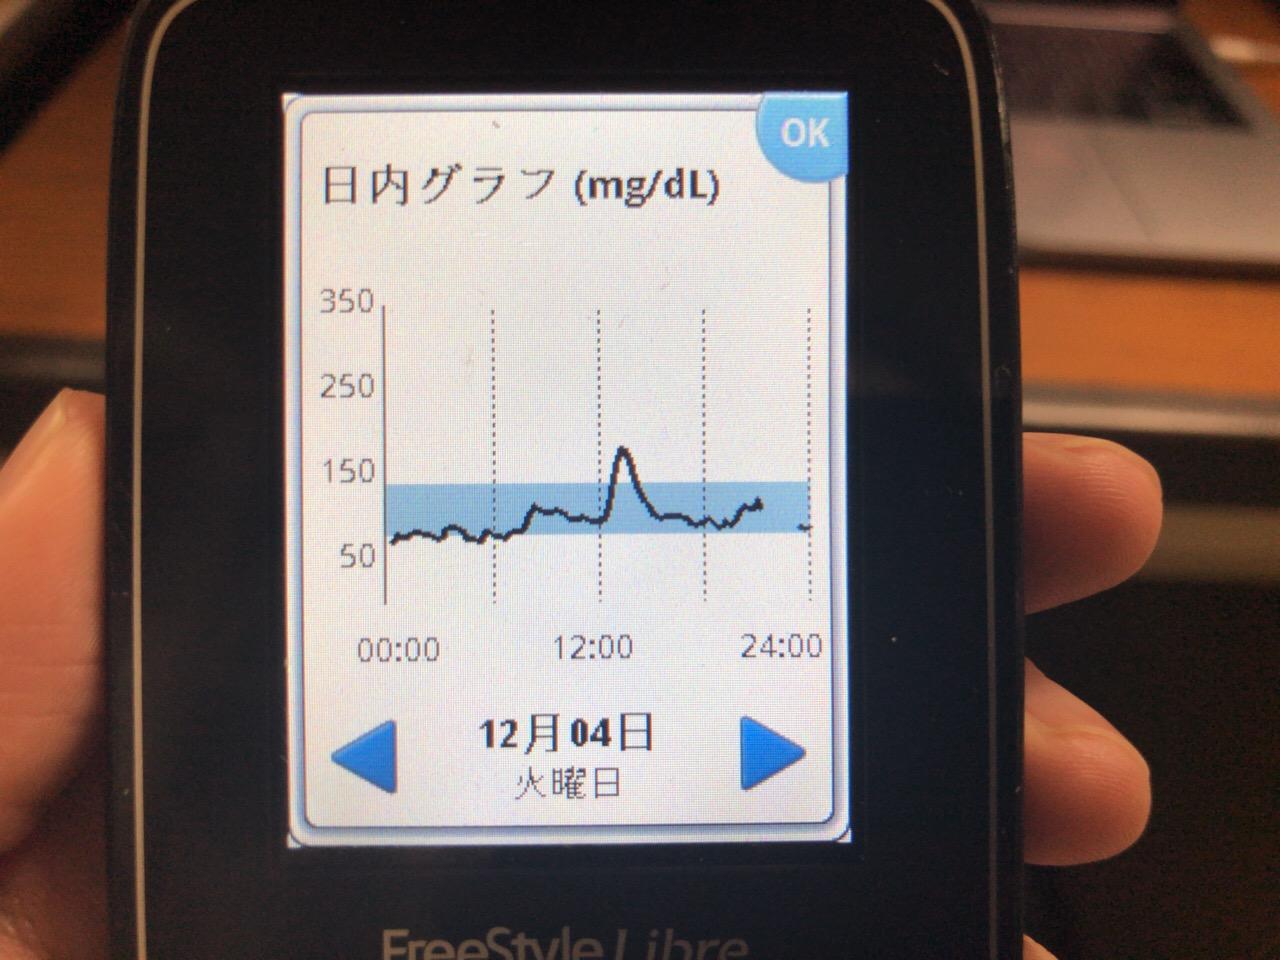 ランチのヒレカツとポテトサラダが血糖値を上げ,午後につまんだナッツが血糖値を上げないことを確認した1日|糖尿病内科医のフリースタイルリブレ自己血糖記録